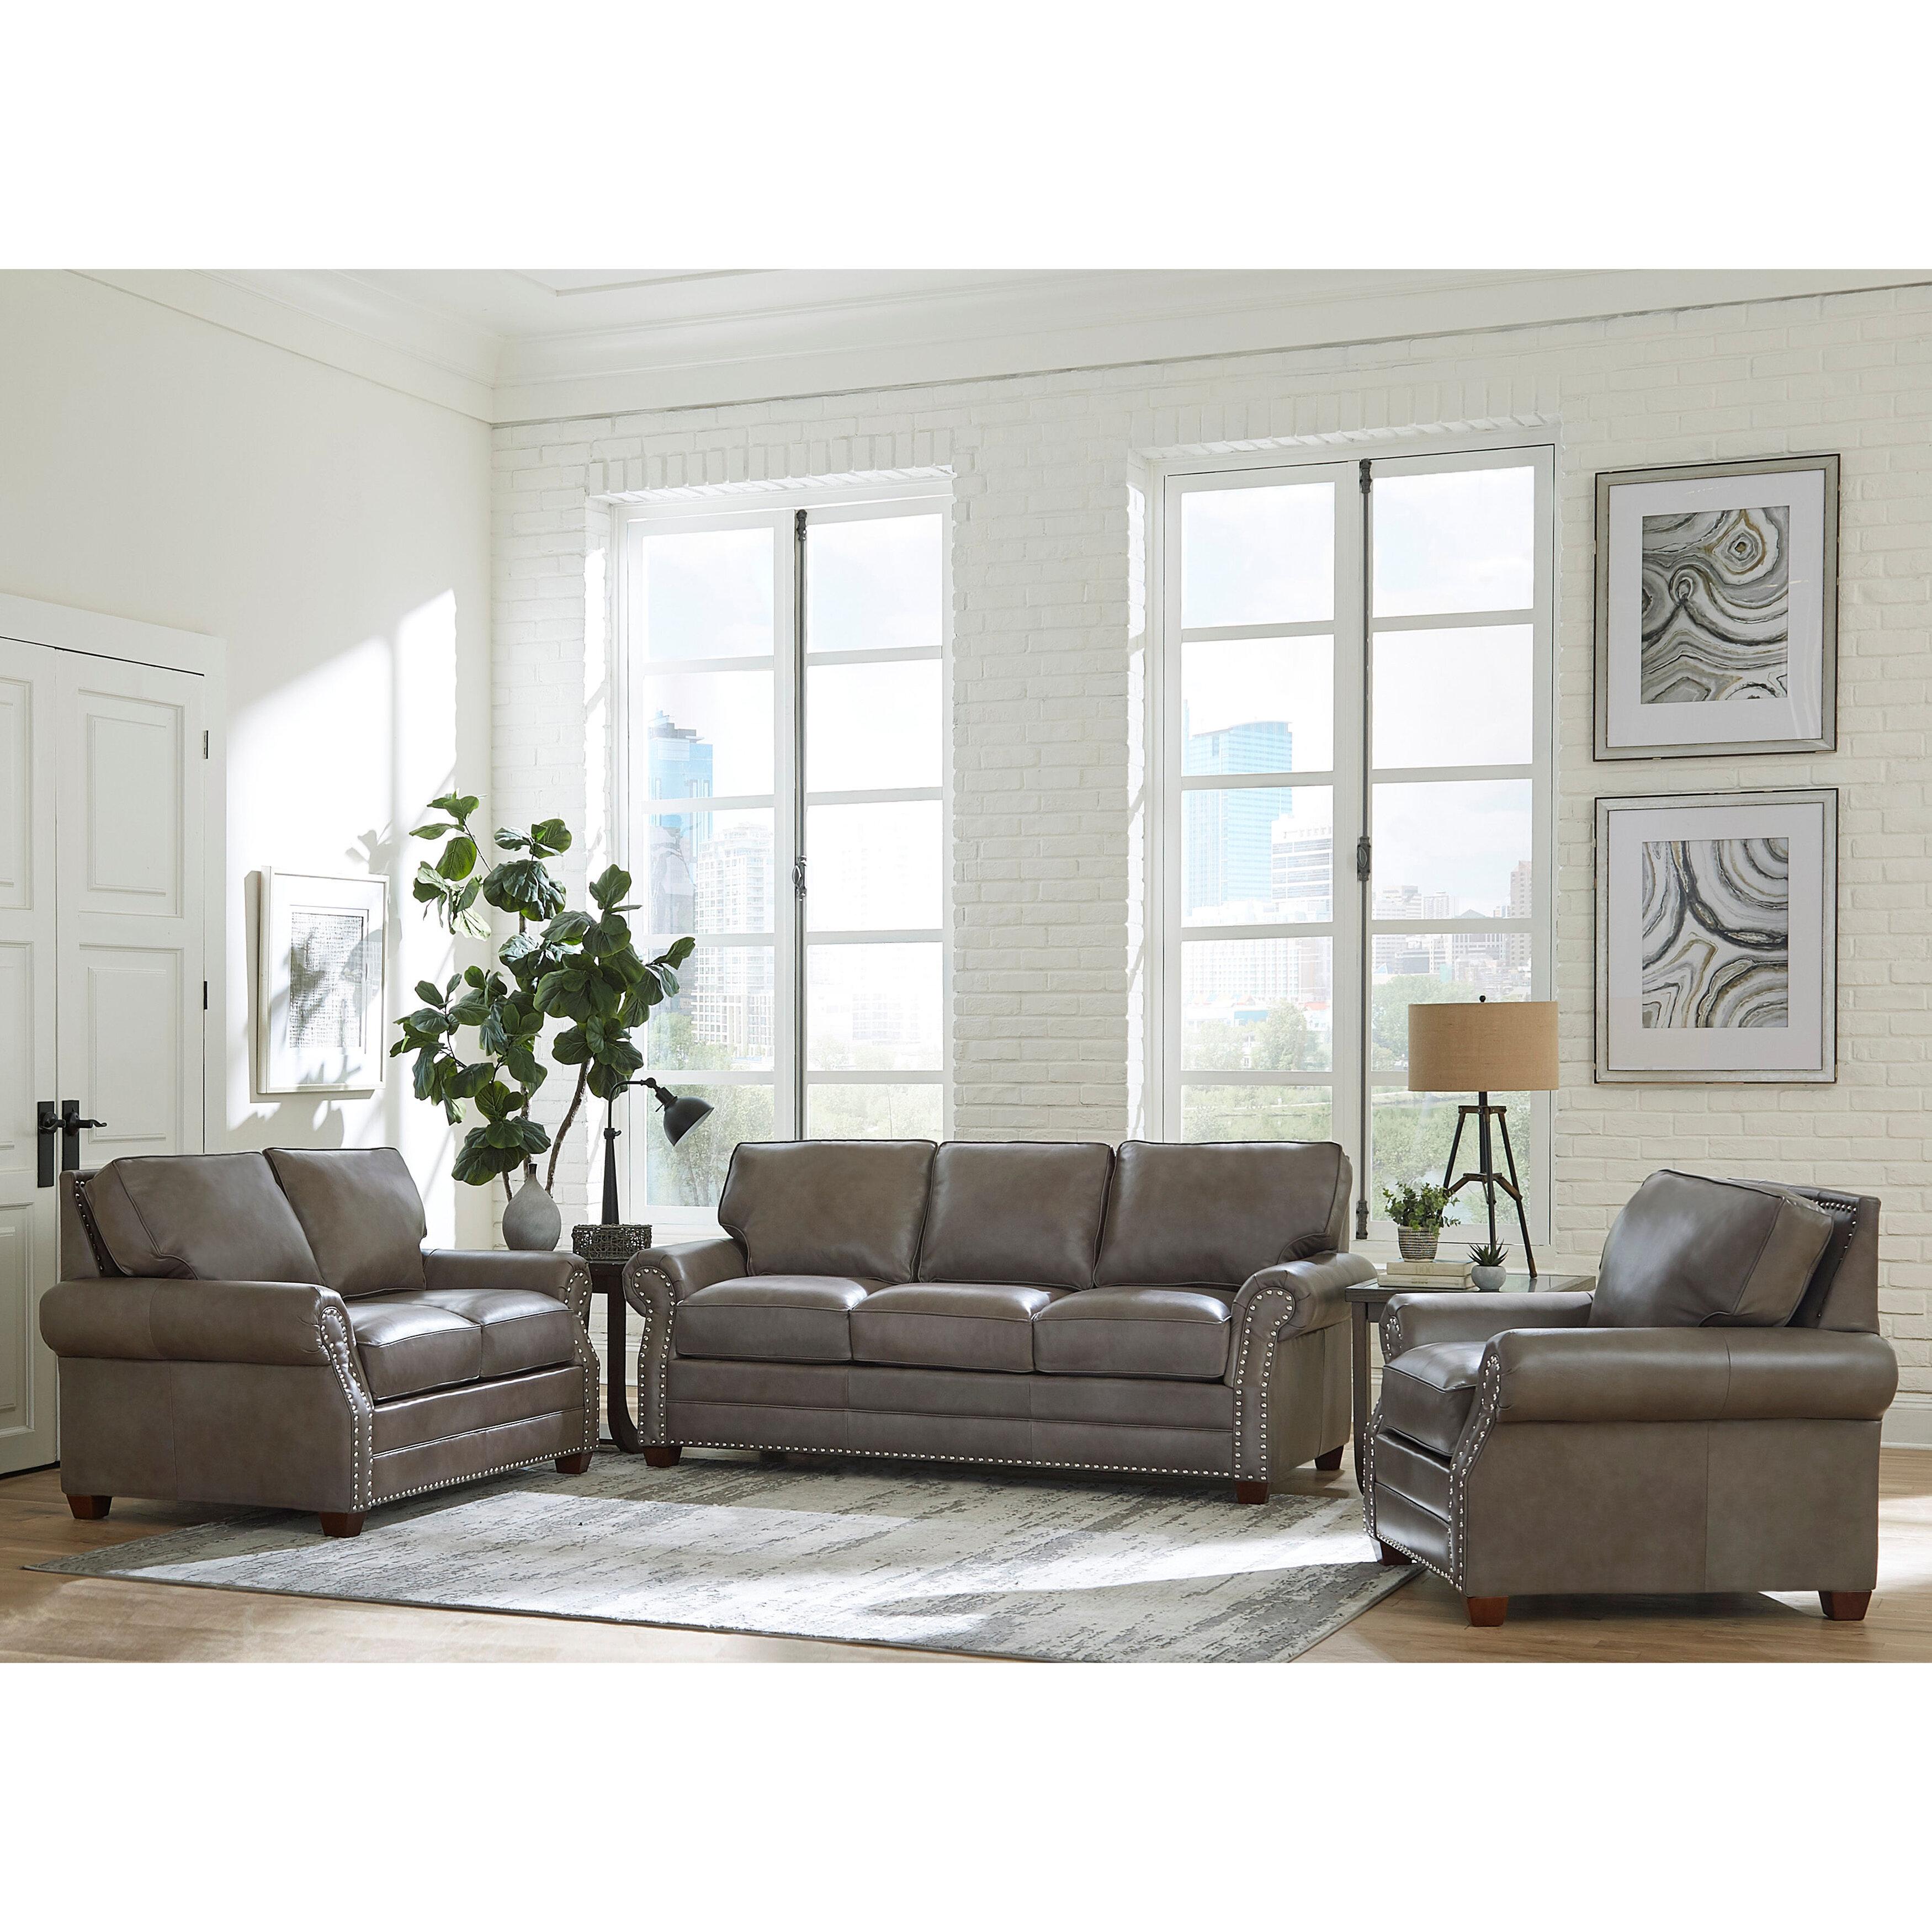 Pedigo 5 Piece Leather Living Room Set